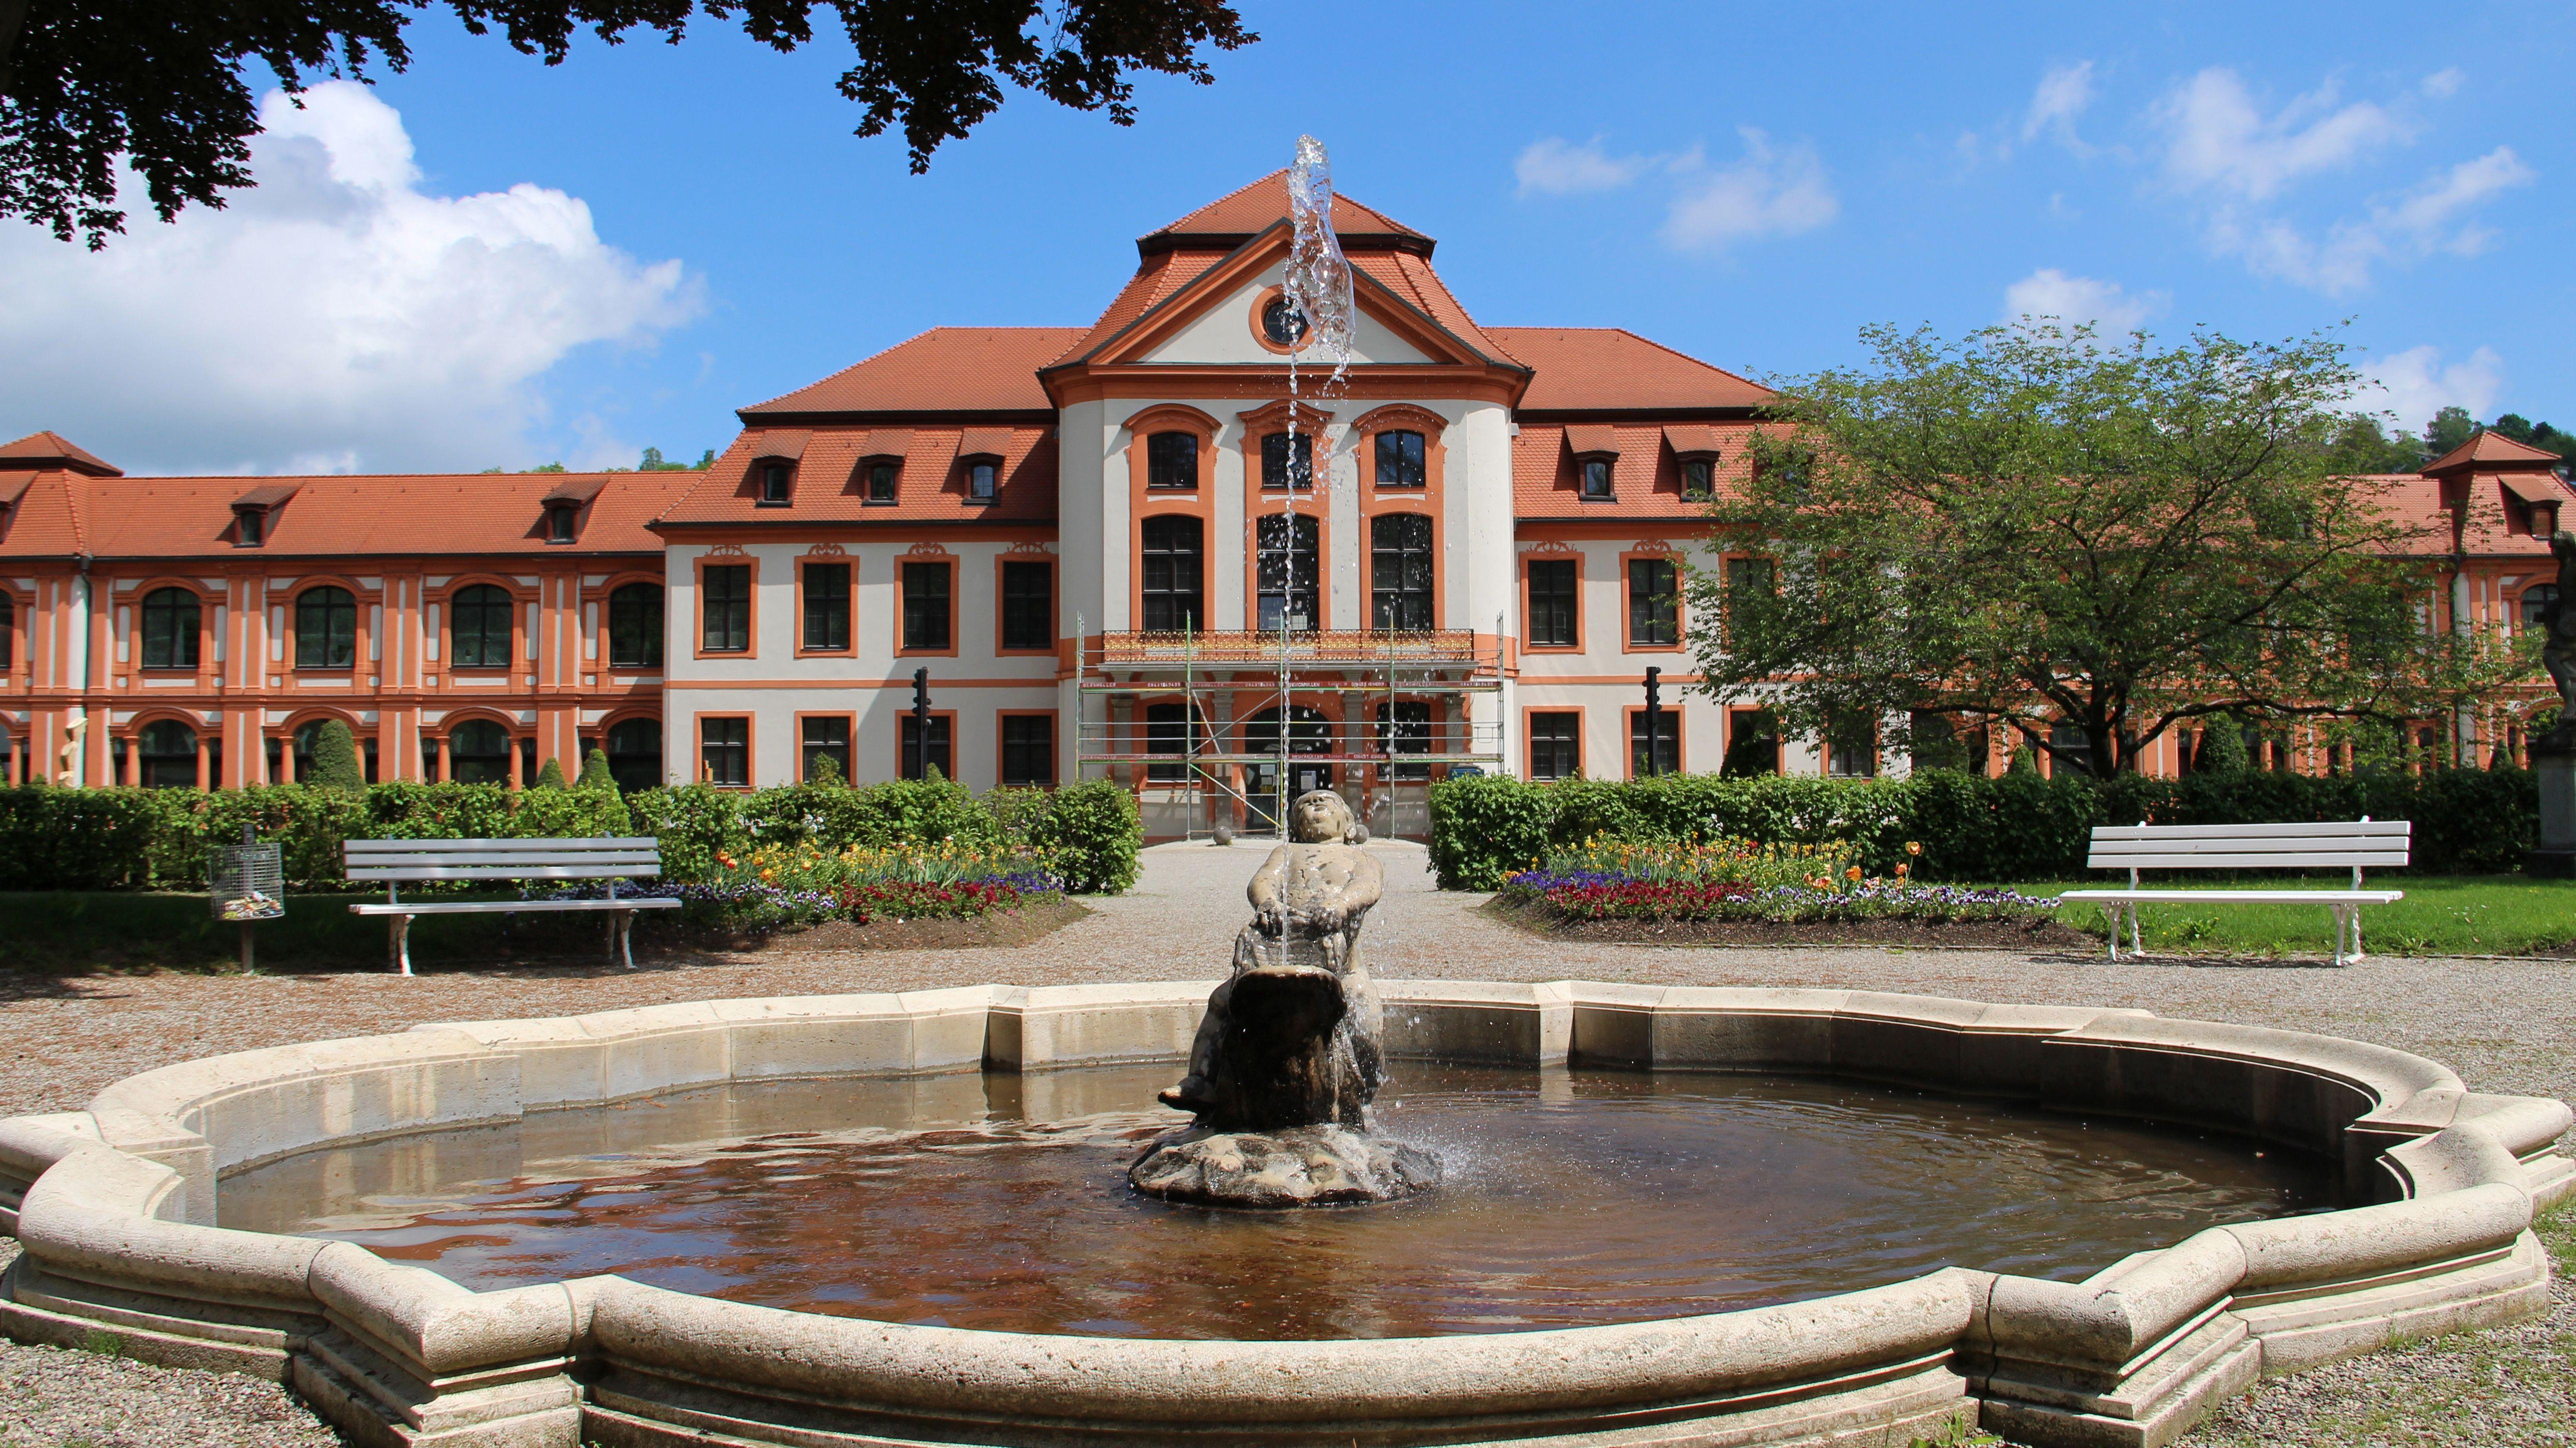 Sommerresidenz der Katholischen Universität Eichstätt-Ingolstadt in Eichstätt